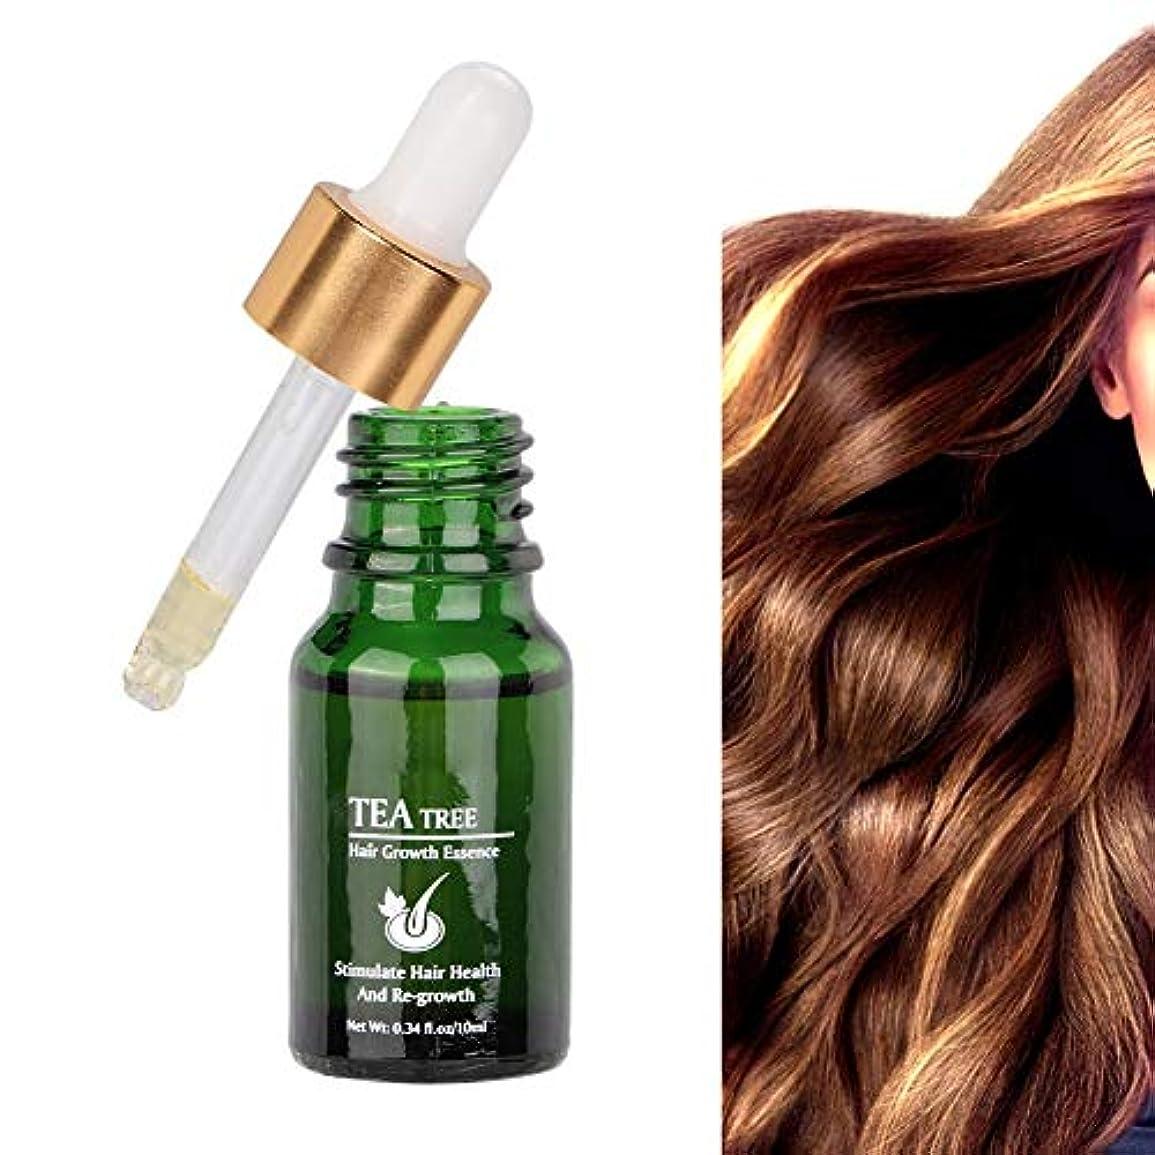 眠る香水剥ぎ取る女性と男性のためのヘアケア液、プロのヘアケア液の増粘と滑らかな髪と栄養頭皮、